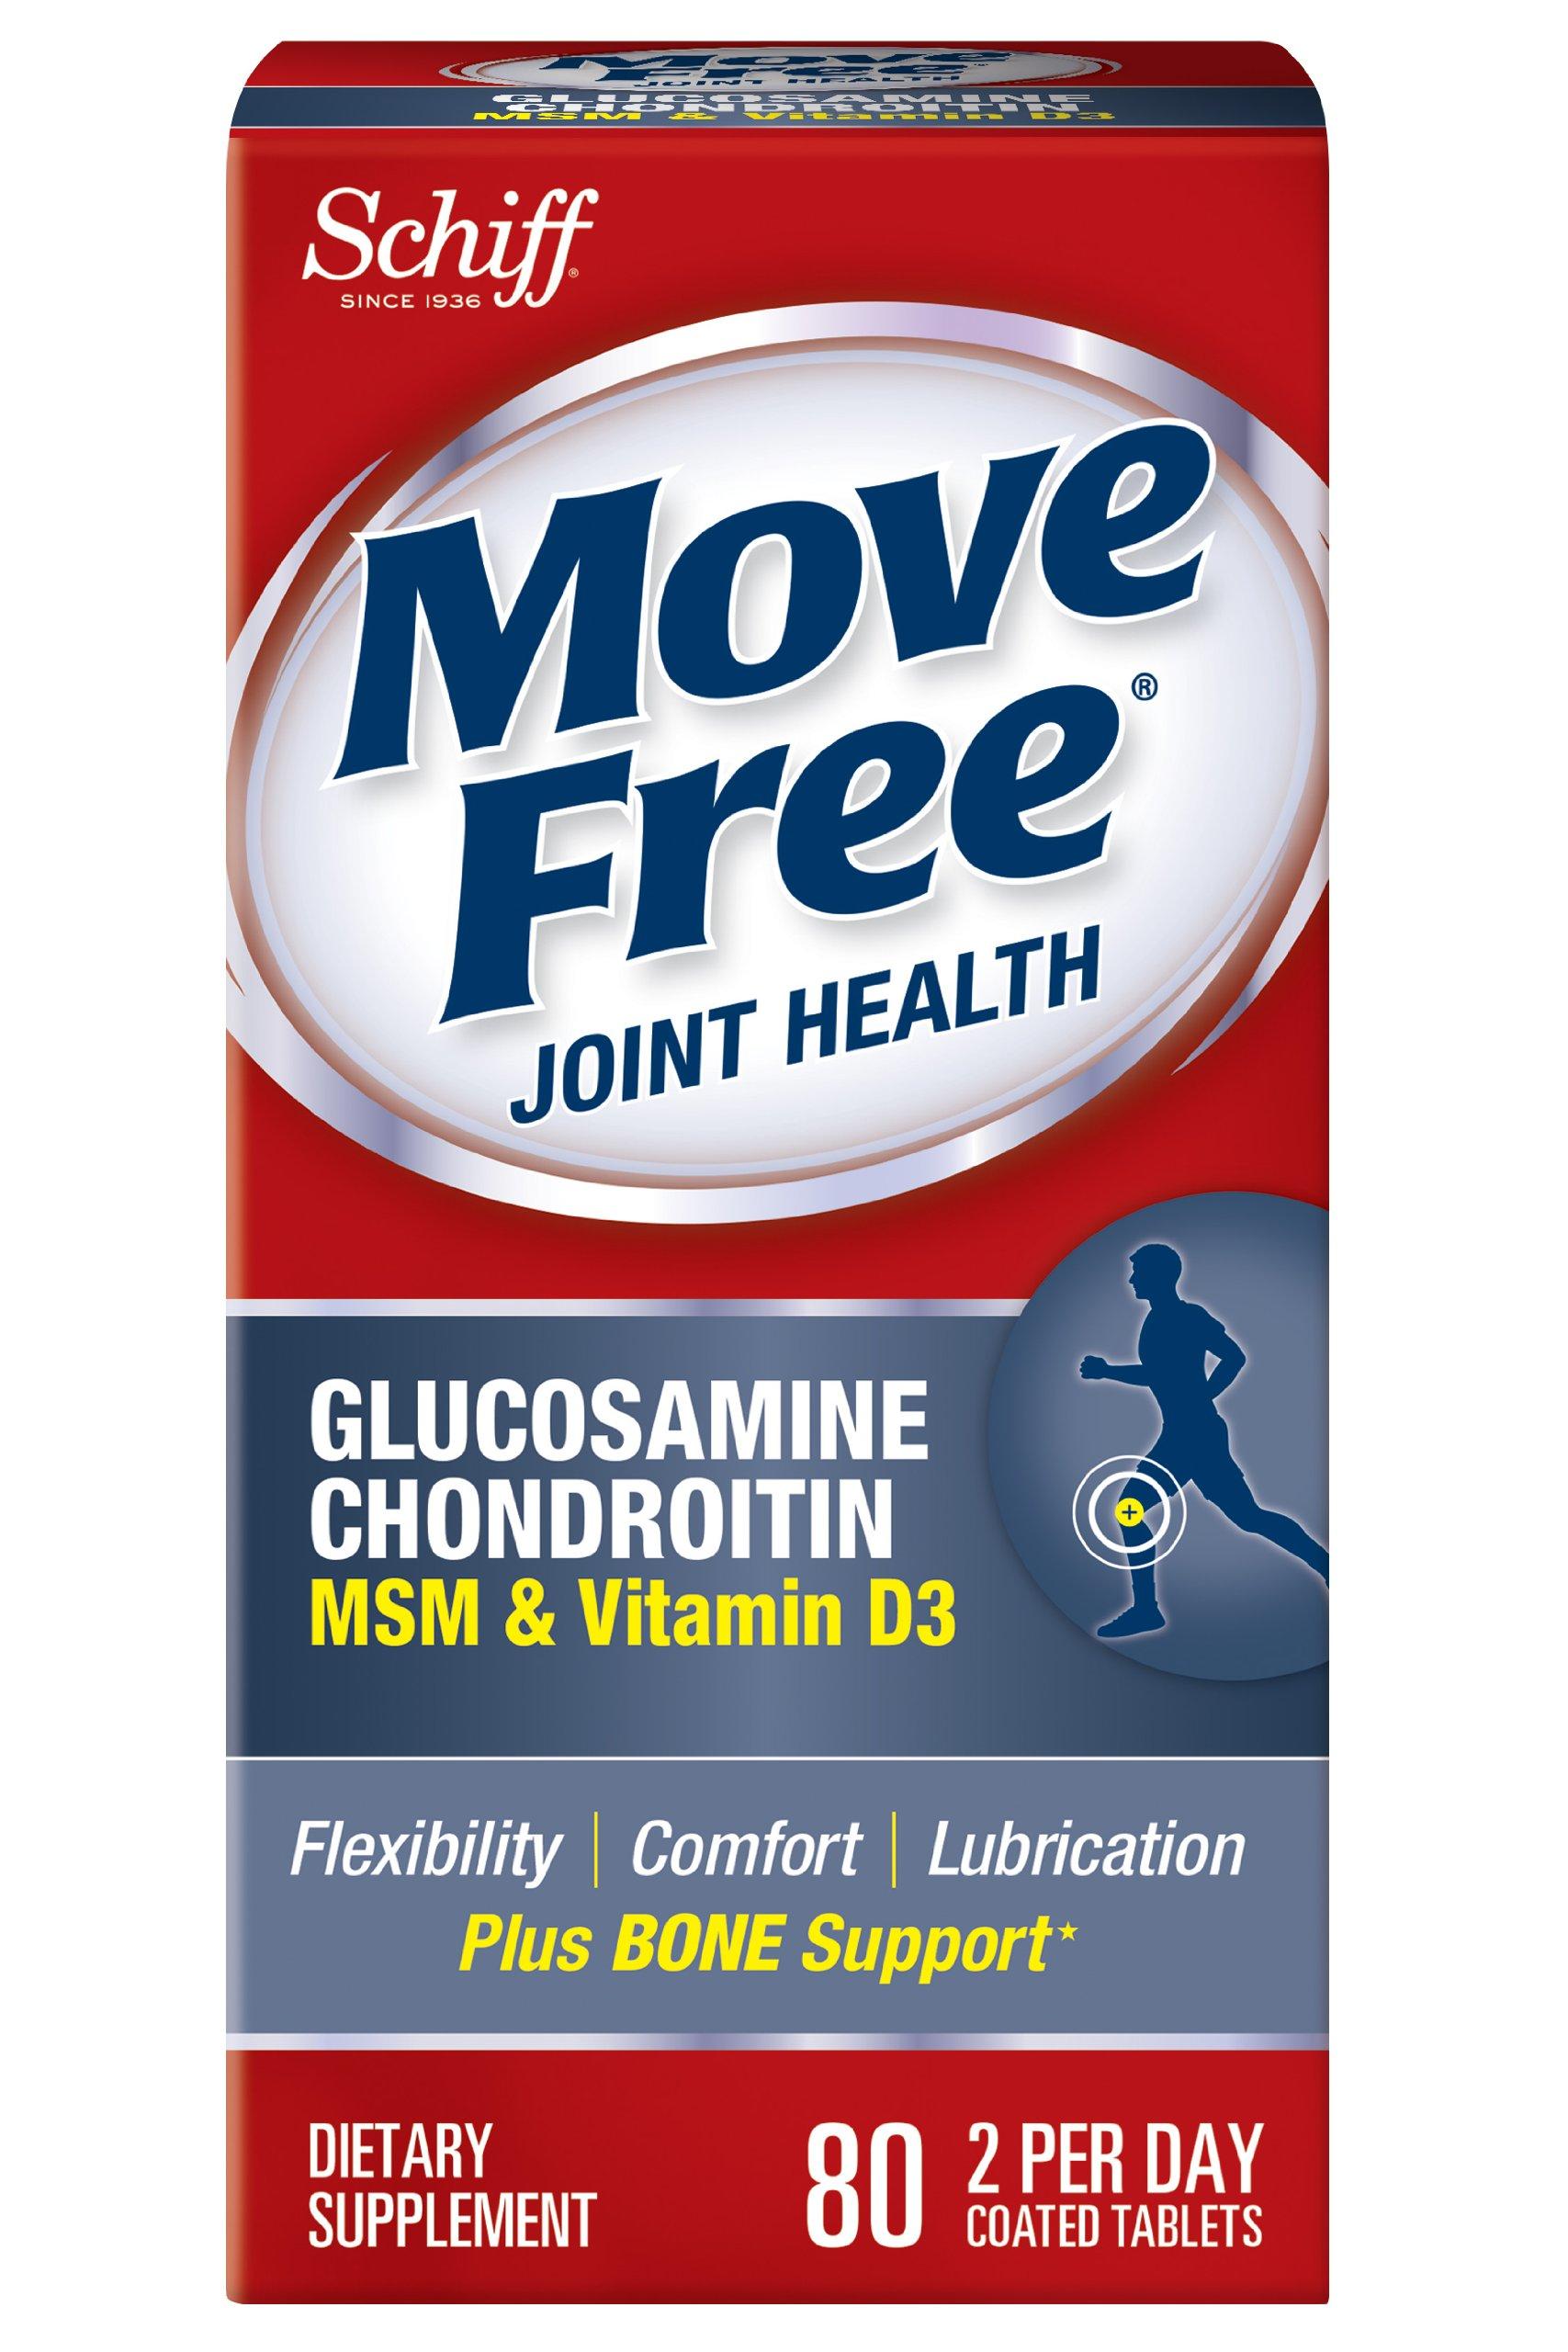 凑单品:Schiff 维骨力 Move Free 氨基葡萄糖 关节养护素 (维骨力)MSM&VD3款 80粒 灰瓶一站式海淘,海淘花专业海外代购网站--进口 海淘 正品 转运 价格